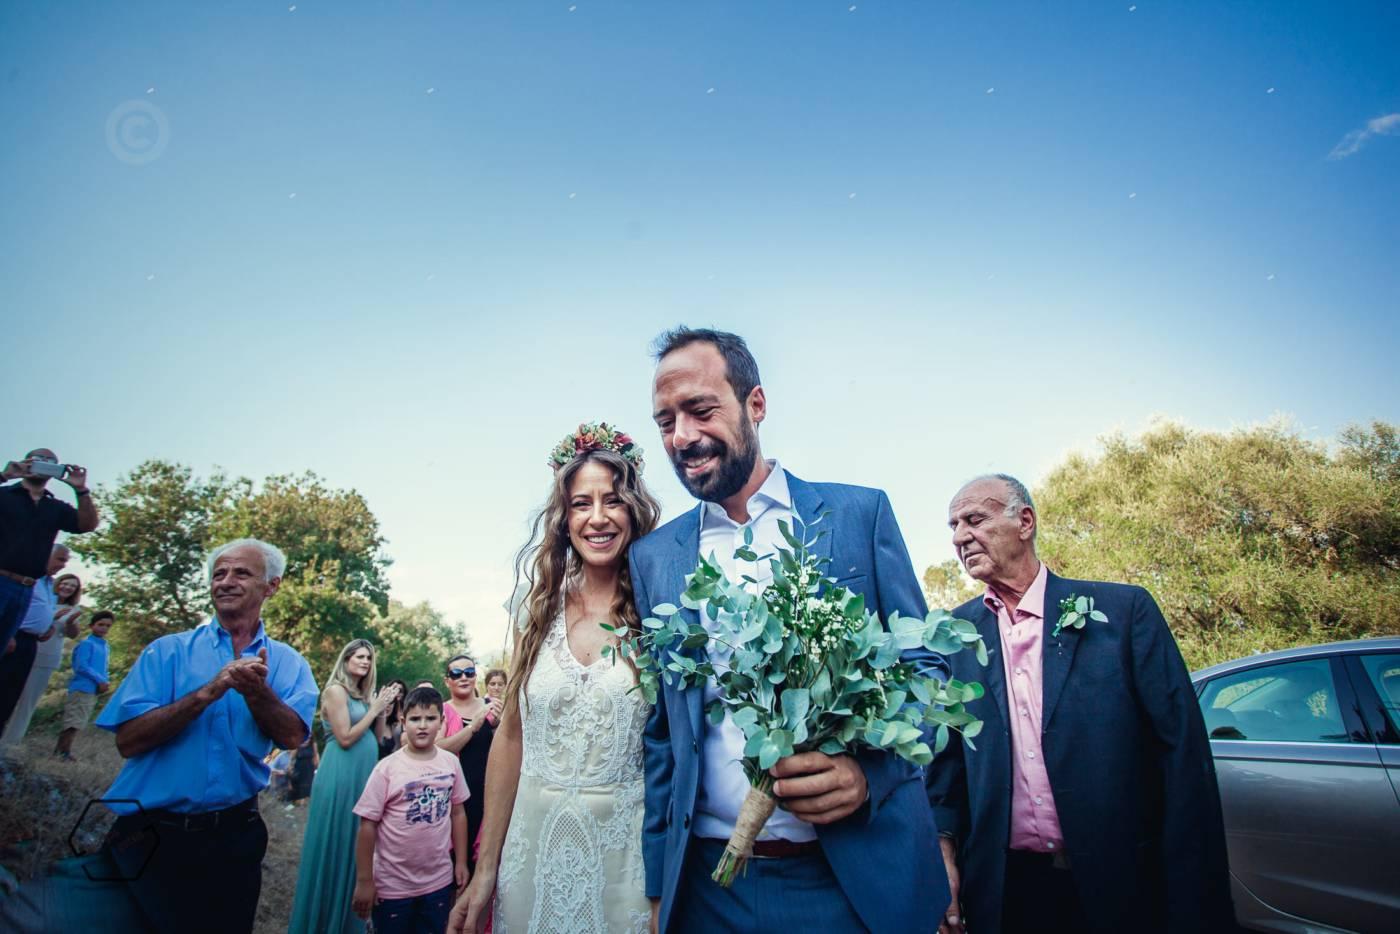 παραδοσιακός γάμος Πρέβεζα